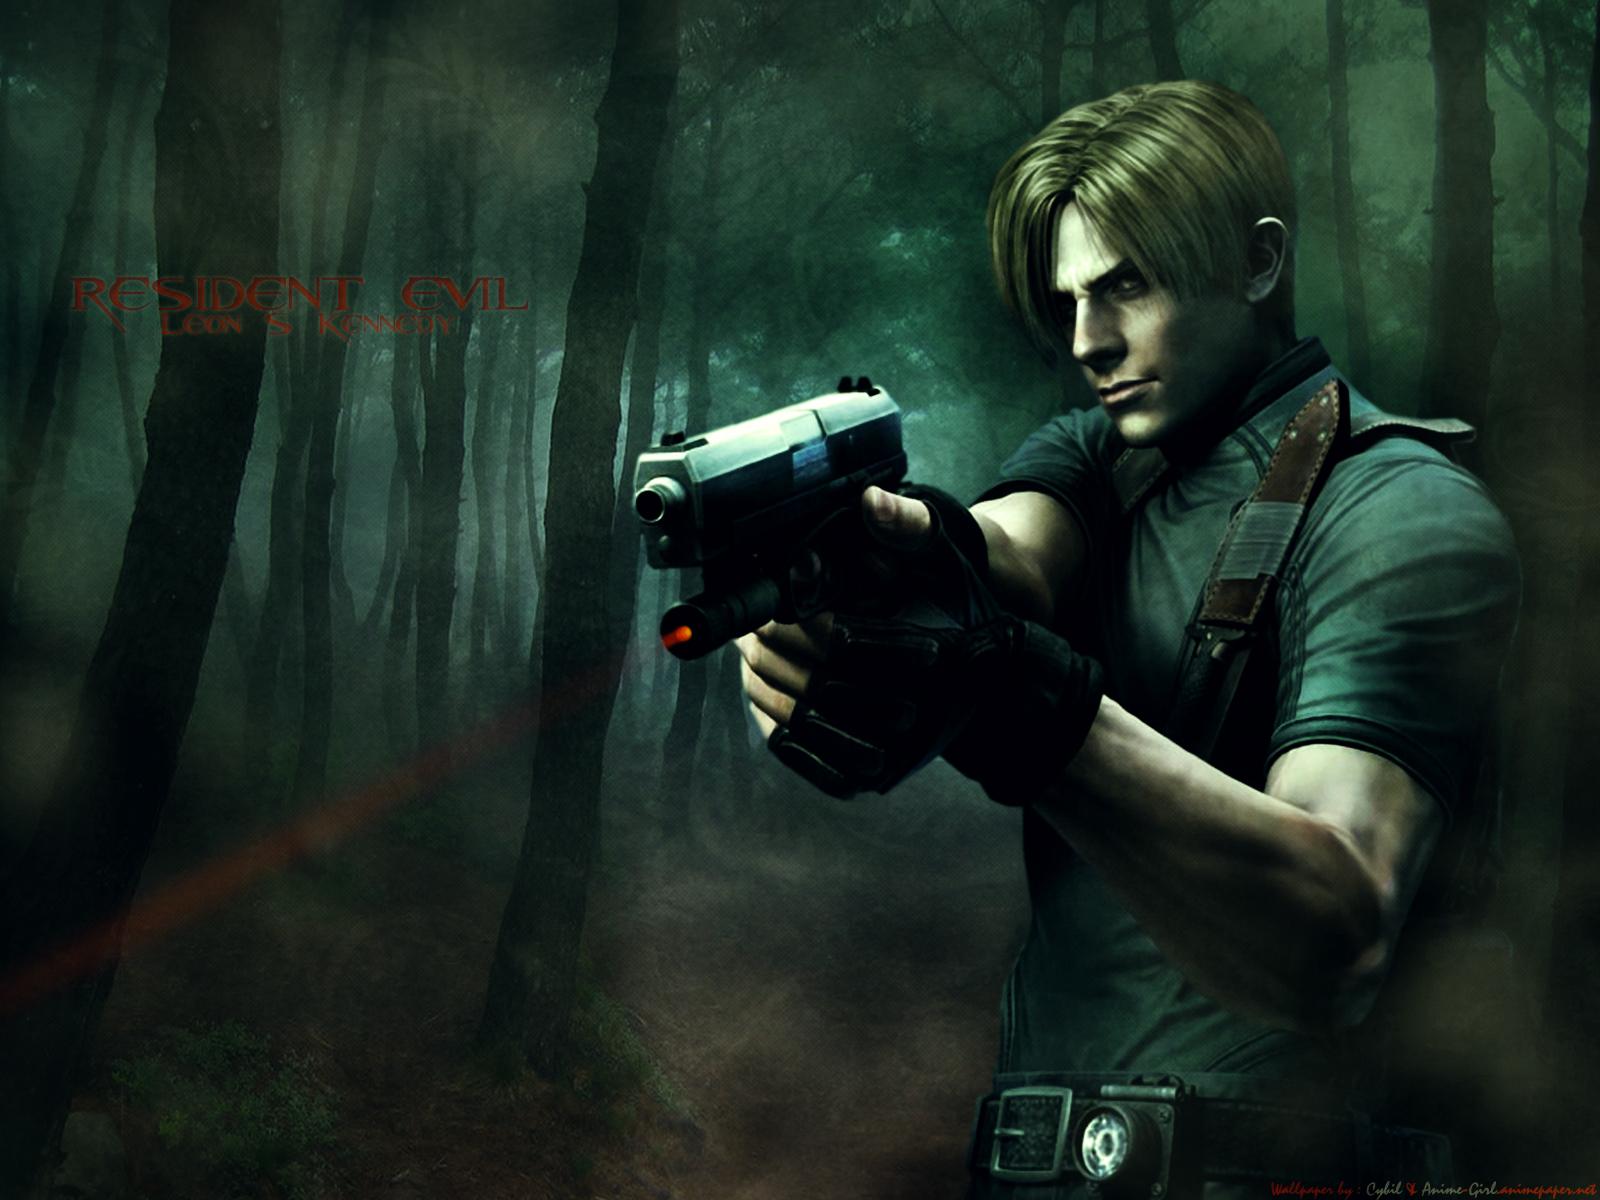 http://1.bp.blogspot.com/-zz2Jl3PEEfg/Tn4JflXkEuI/AAAAAAAADf0/qdJRgSsfUfU/s1600/Resident_Evil_4_HD+%25283%2529.jpg